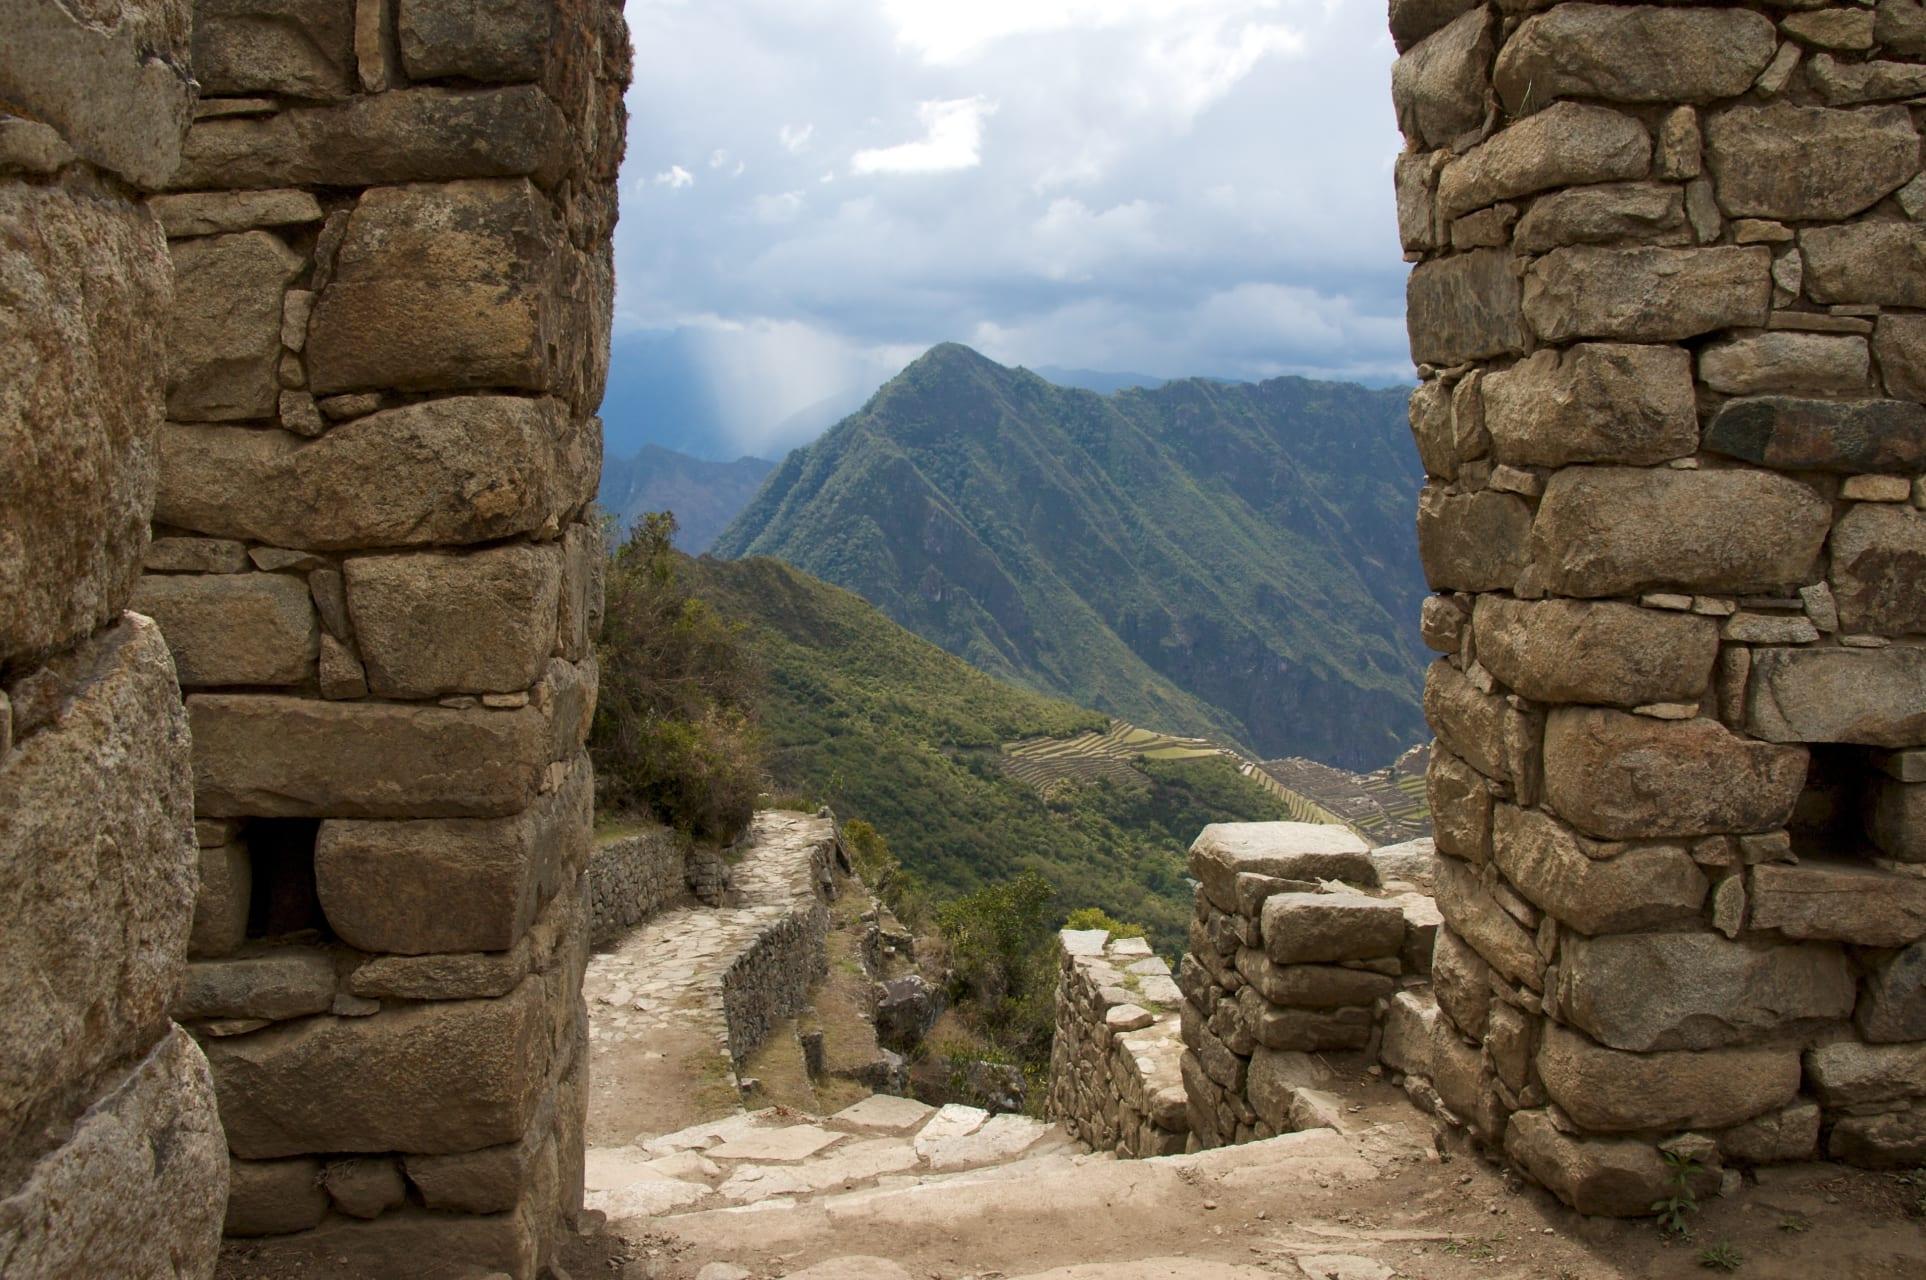 Machu Picchu - Machupicchu from the sun gate the end of the Inca trail